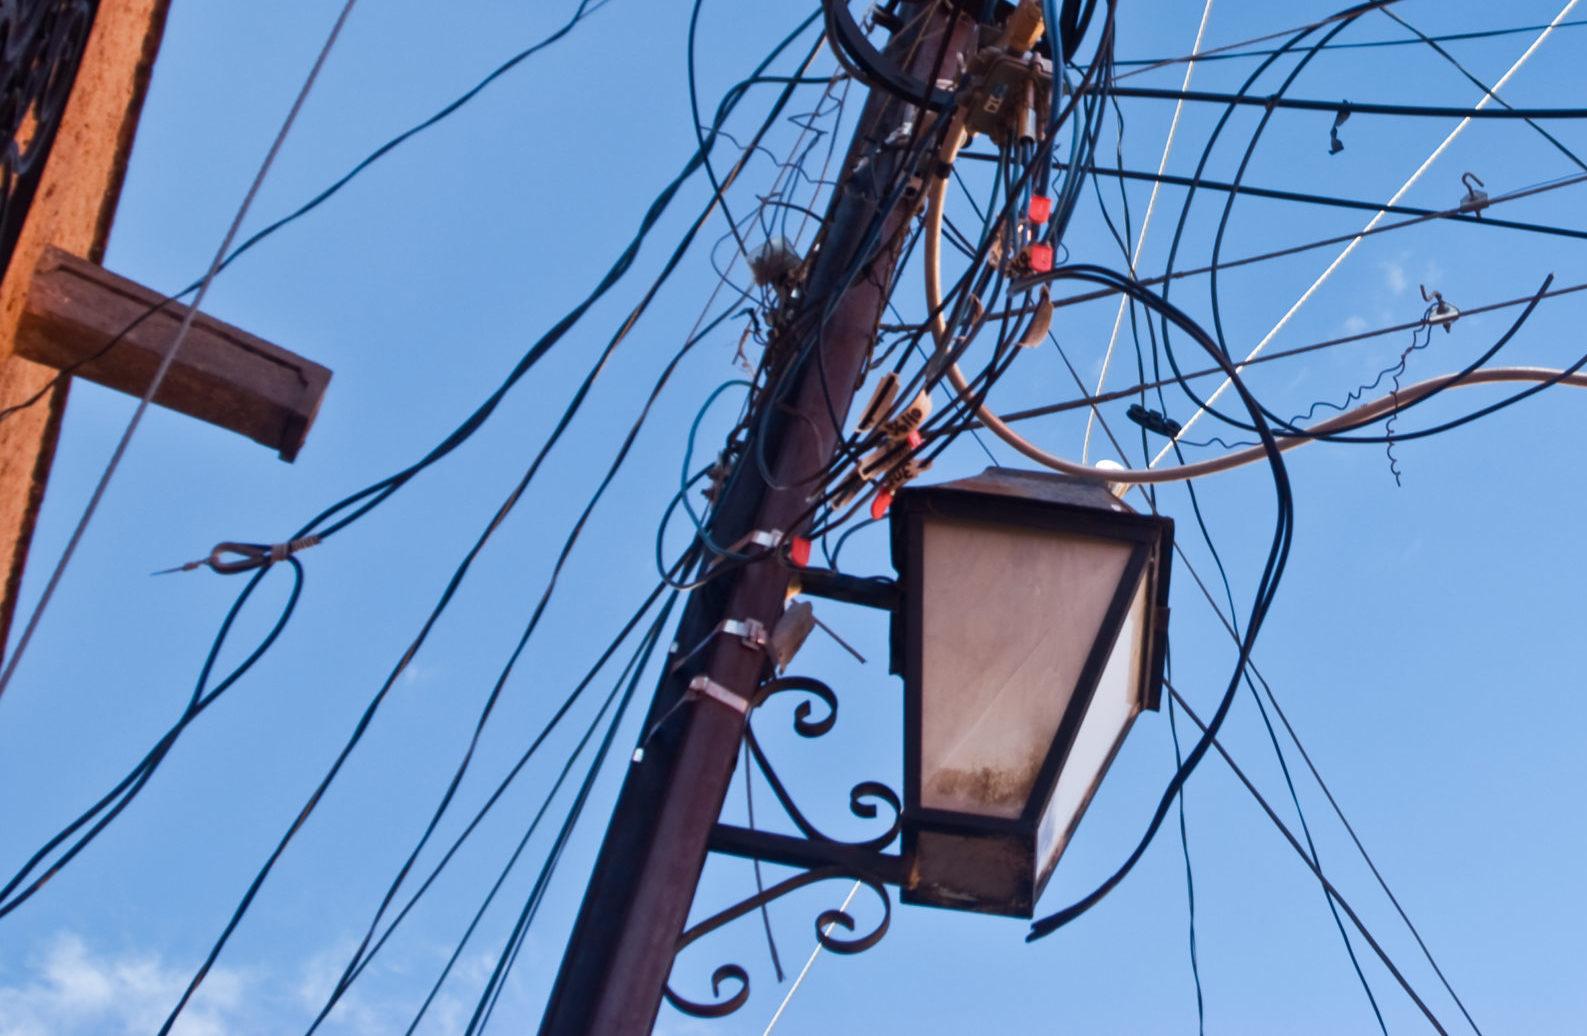 Die Knoop-App hilft Energie-Sparen: eine Laterne an einem Masten, von dem tausend Kabel weggehen